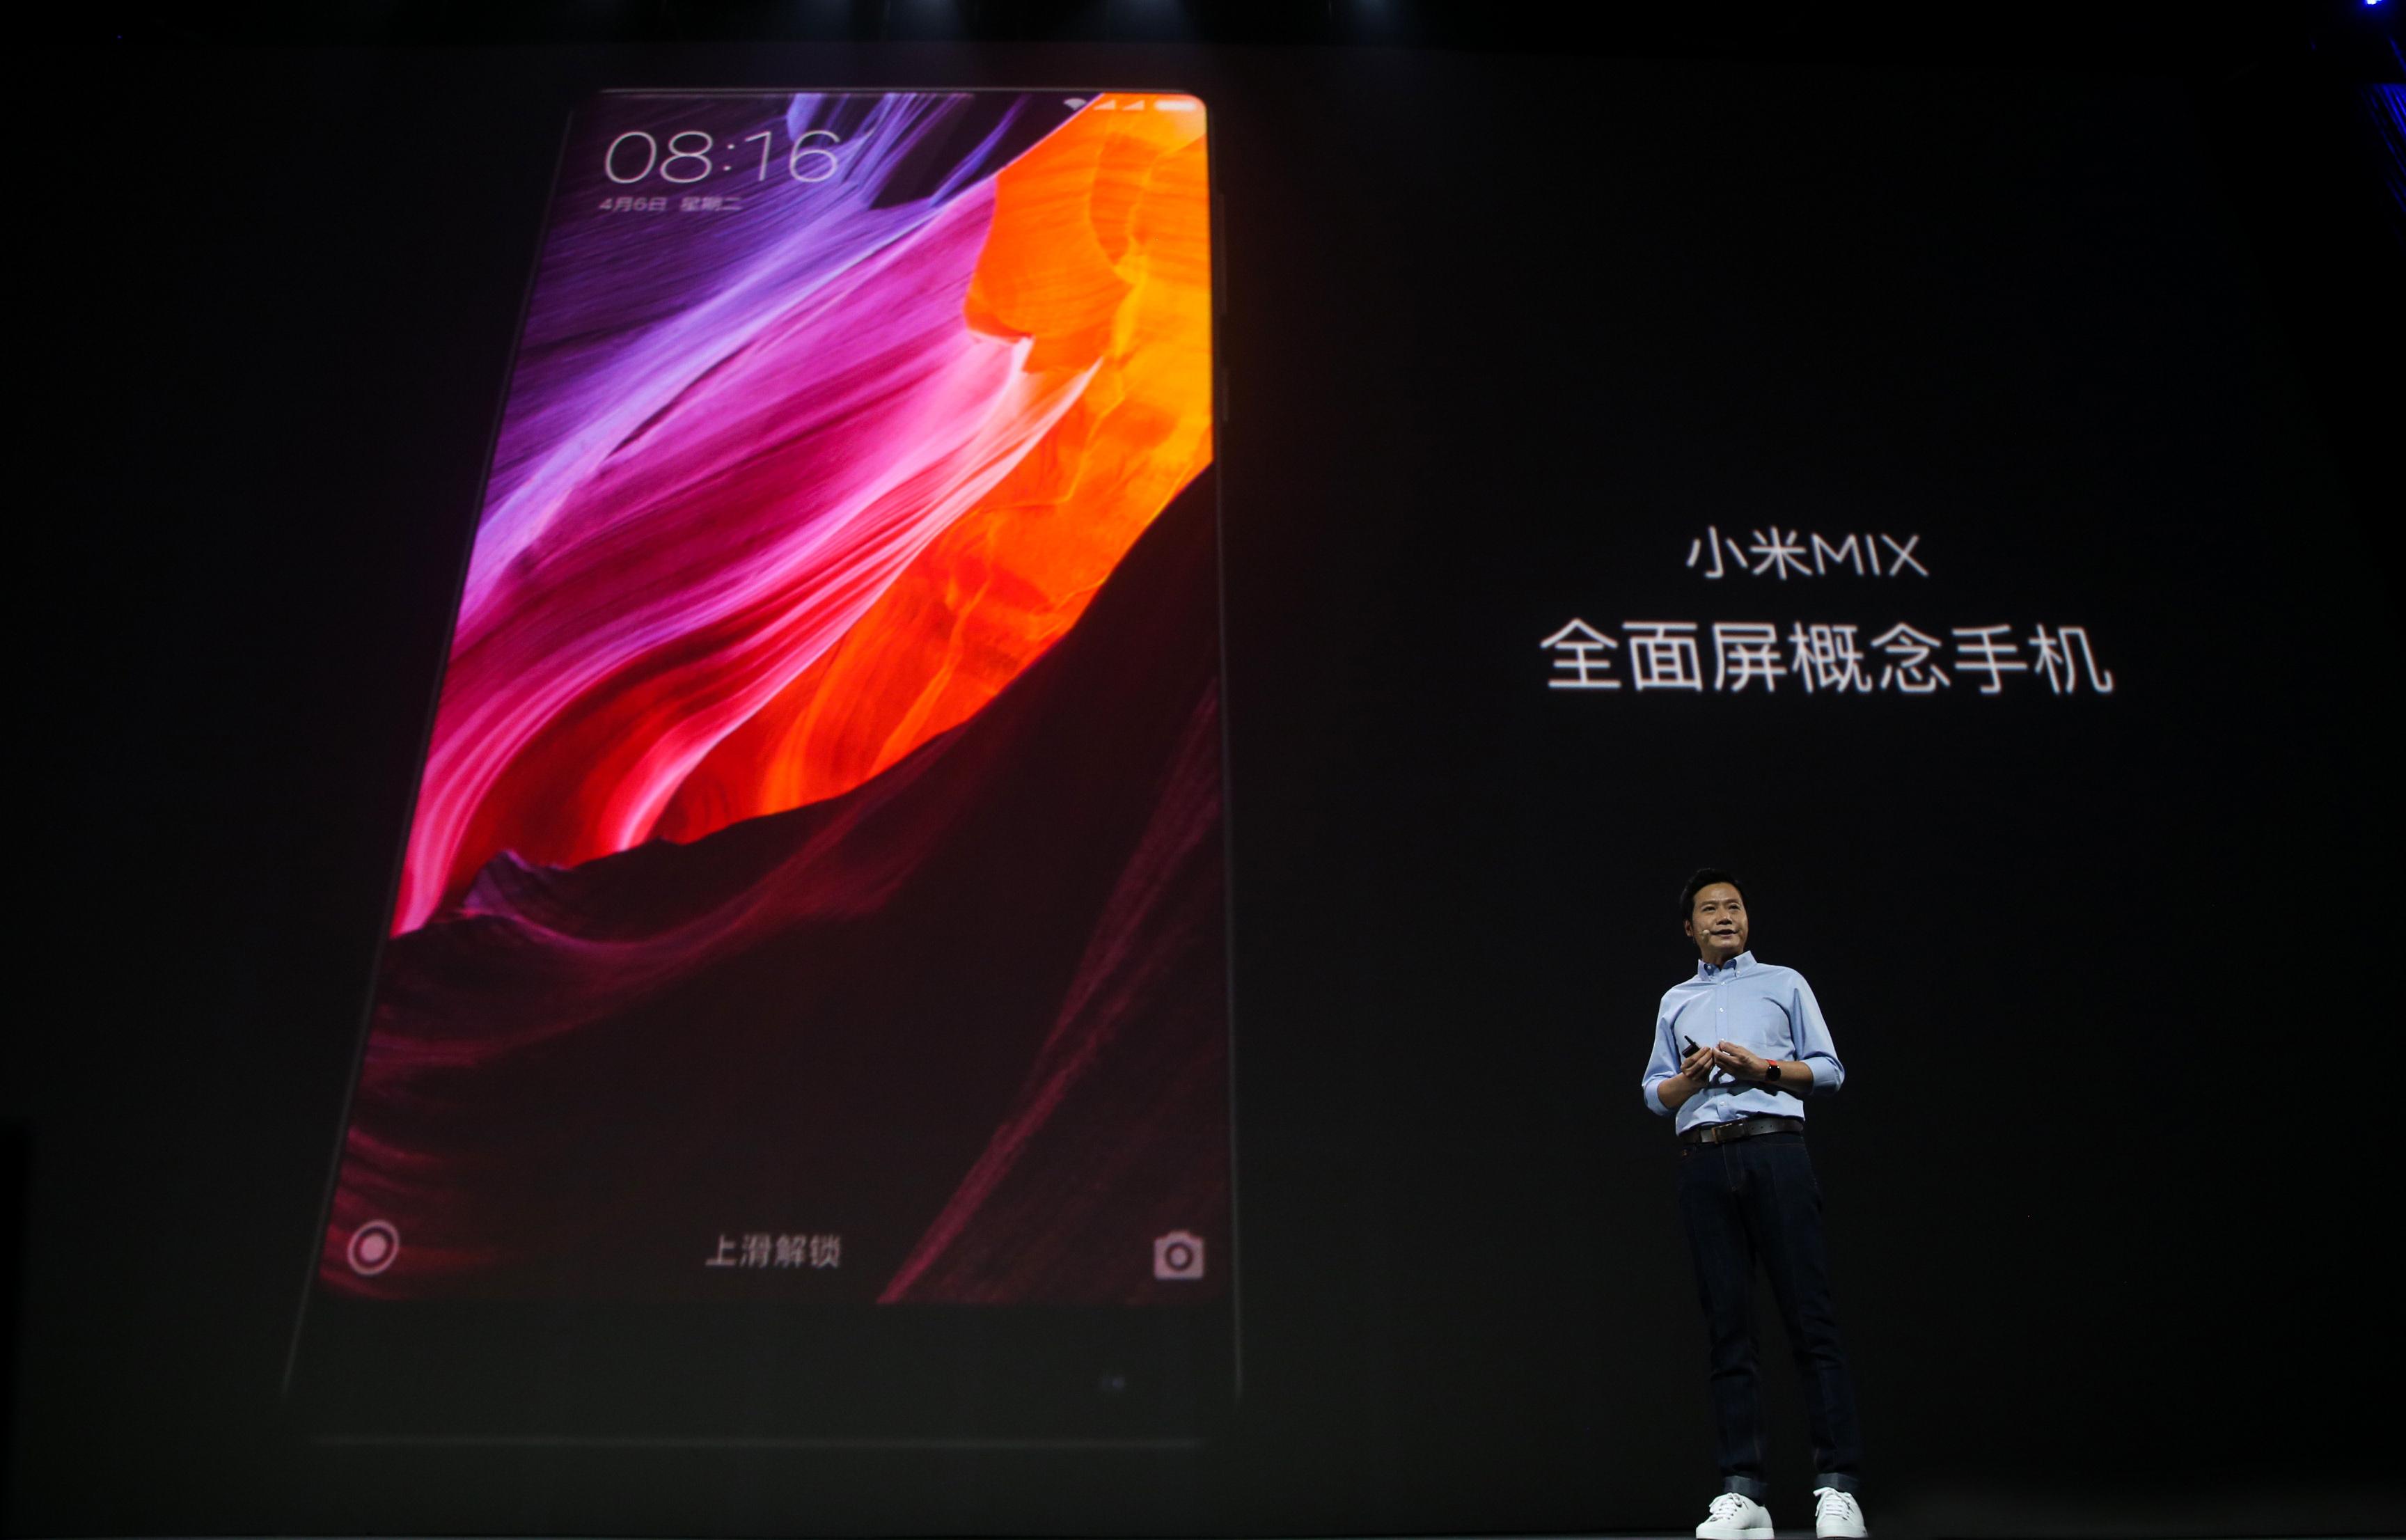 小米发布概念手机MIX